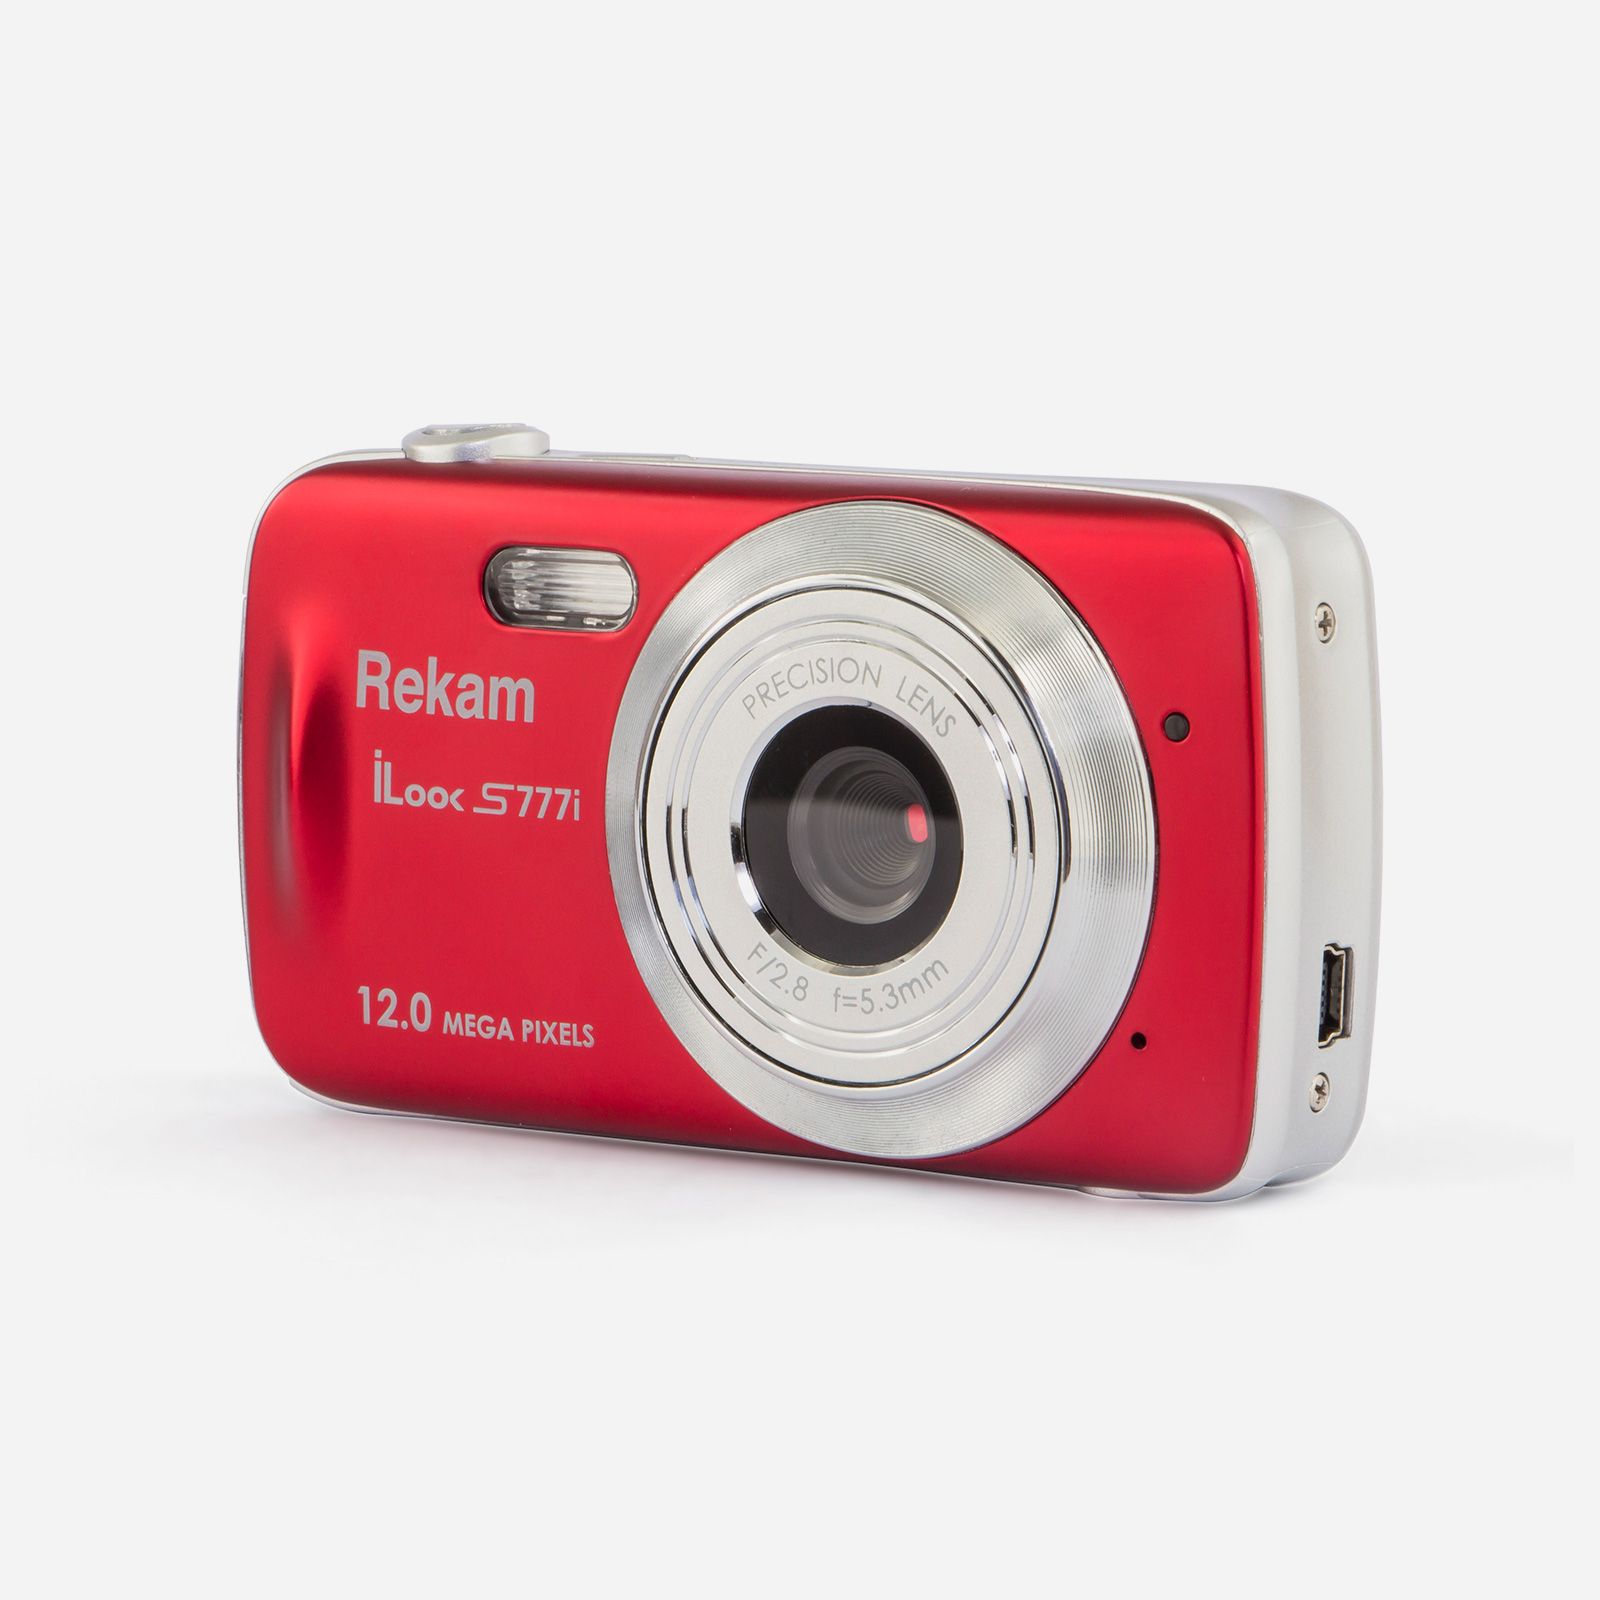 Фотоаппарат Rekam iLook S777i